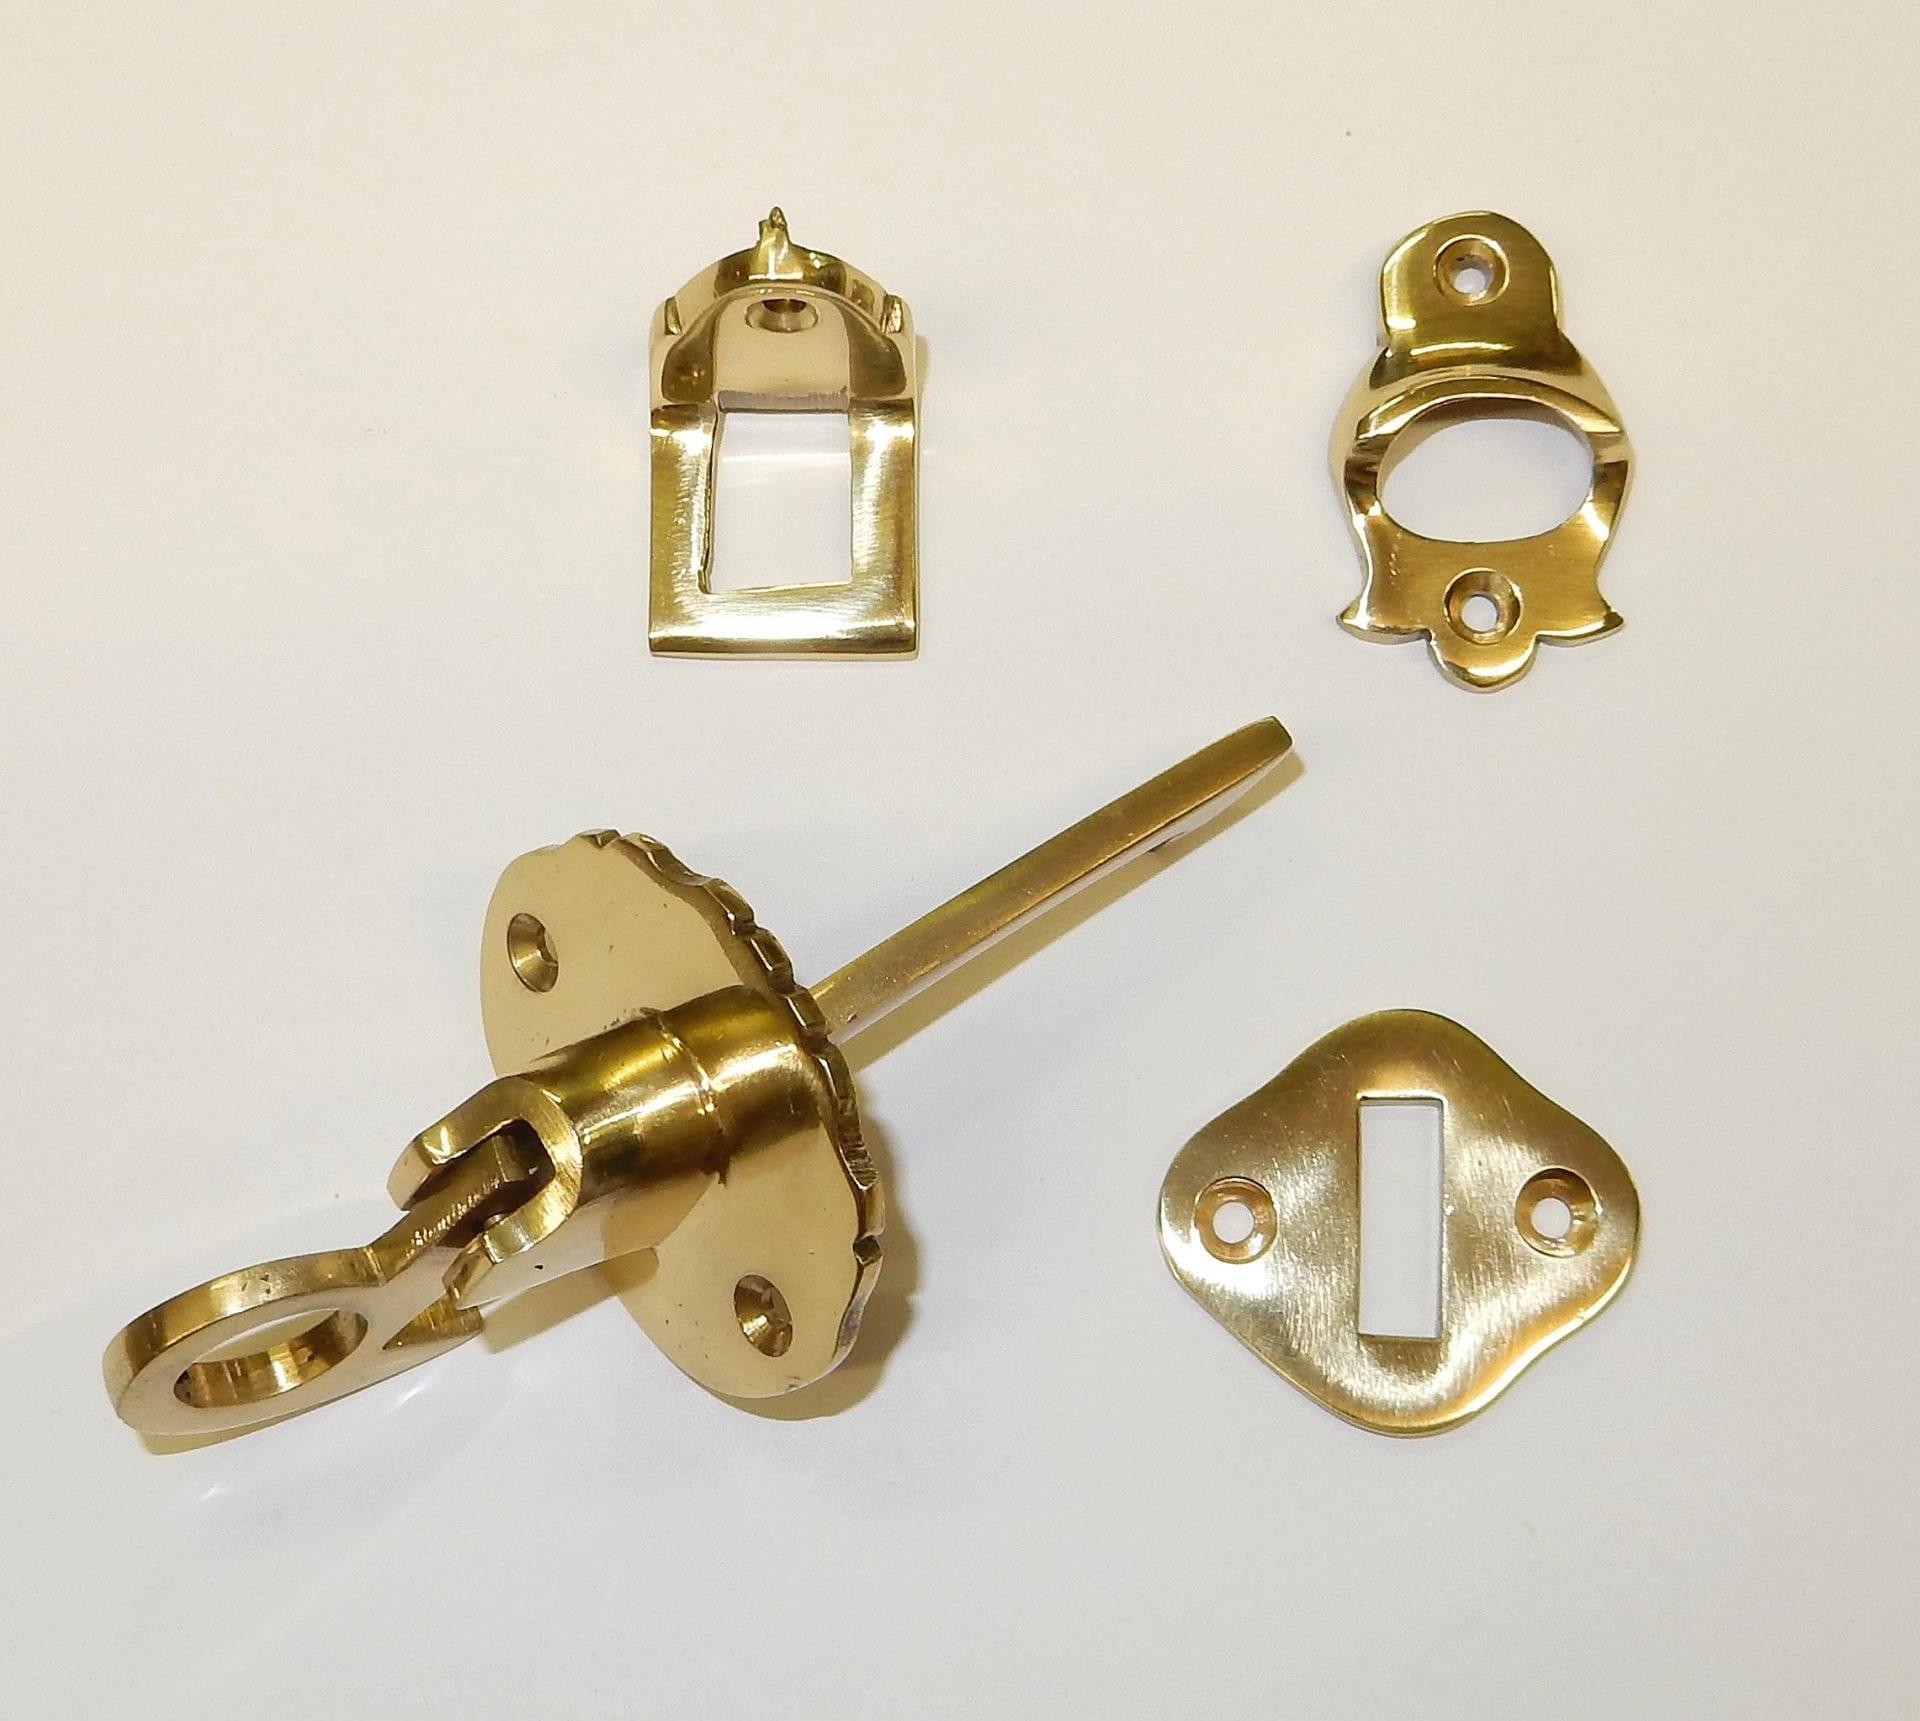 Brass Through Shutter Latch